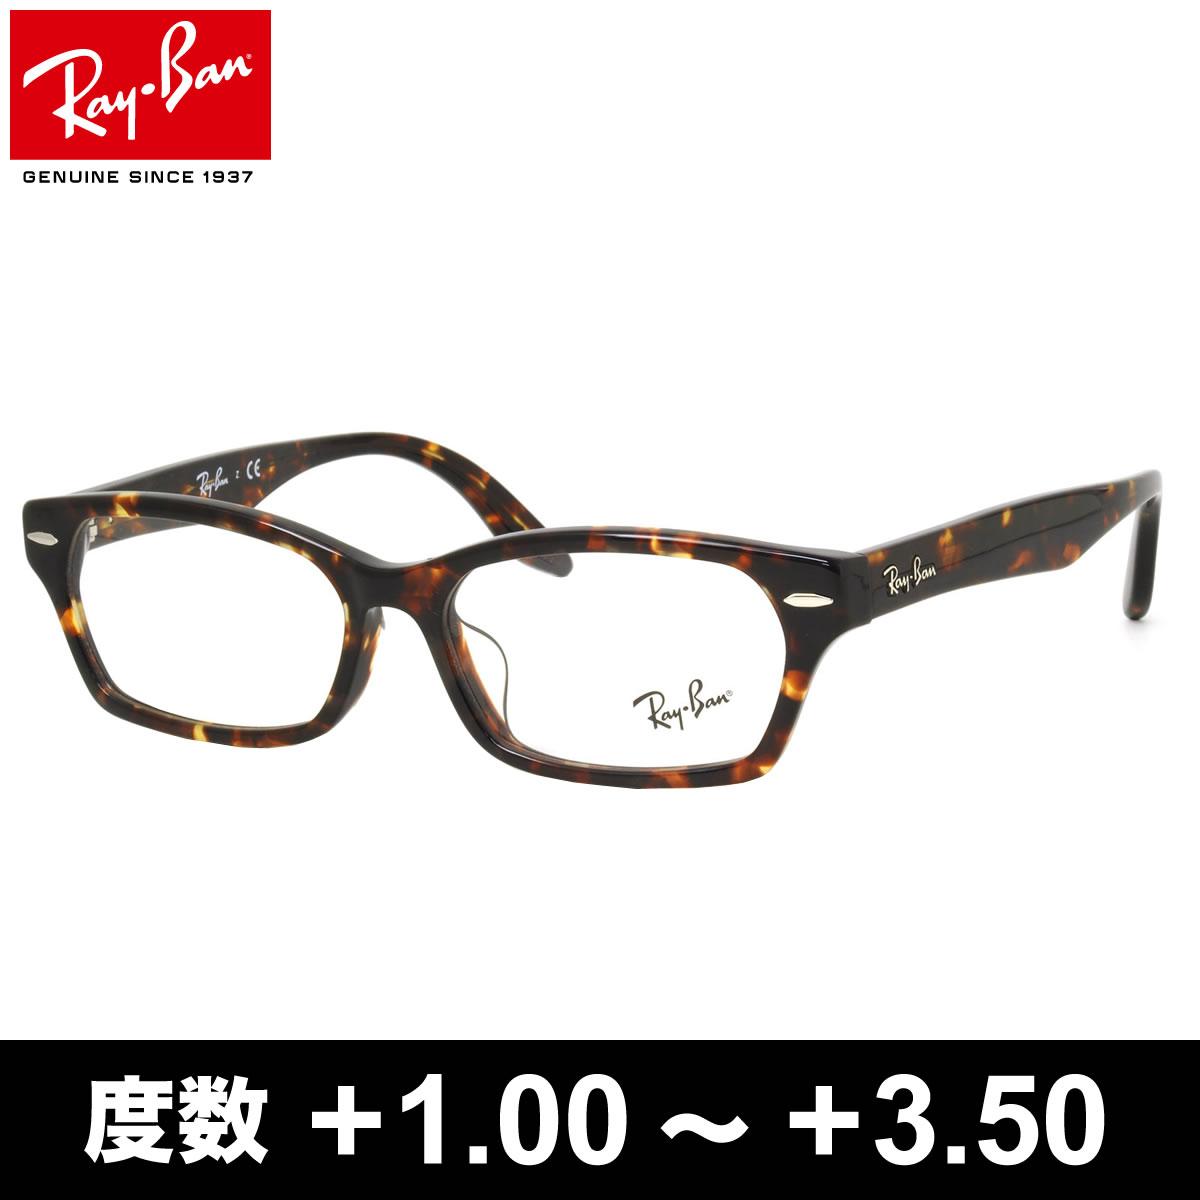 ほぼ全品ポイント15倍~最大34倍 [OS] レイバン スマート老眼鏡 +1.00~+3.50 非球面 紫外線カットブルーライトカット Ray-Ban メガネフレーム RX5344D 2243 55サイズ レイバン RAYBAN リーディンググラス あす楽対応 敬老の日 プレゼント シニアグラス 父の日 母の日